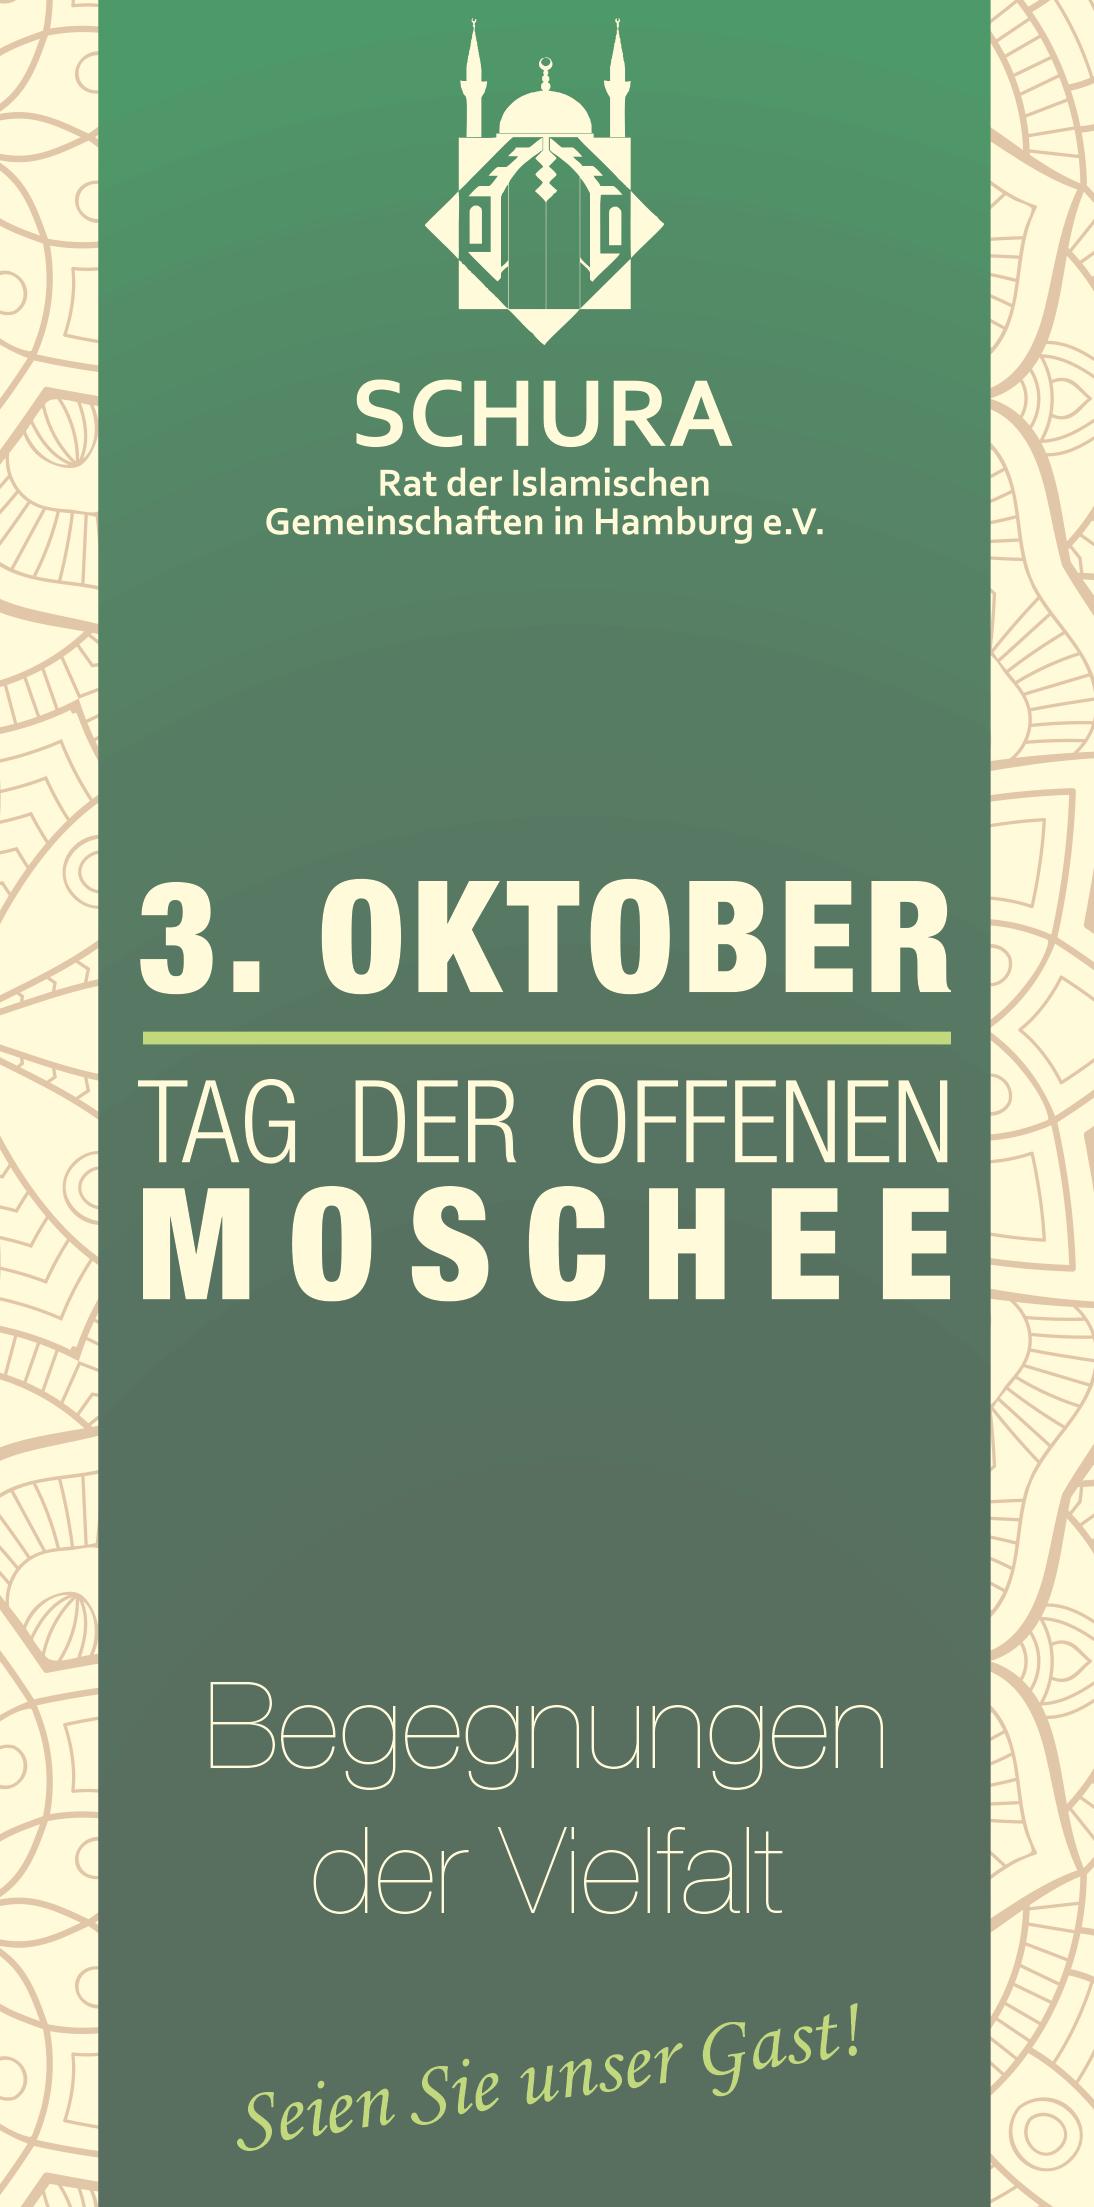 3. Oktober: Tag der offenen Moschee